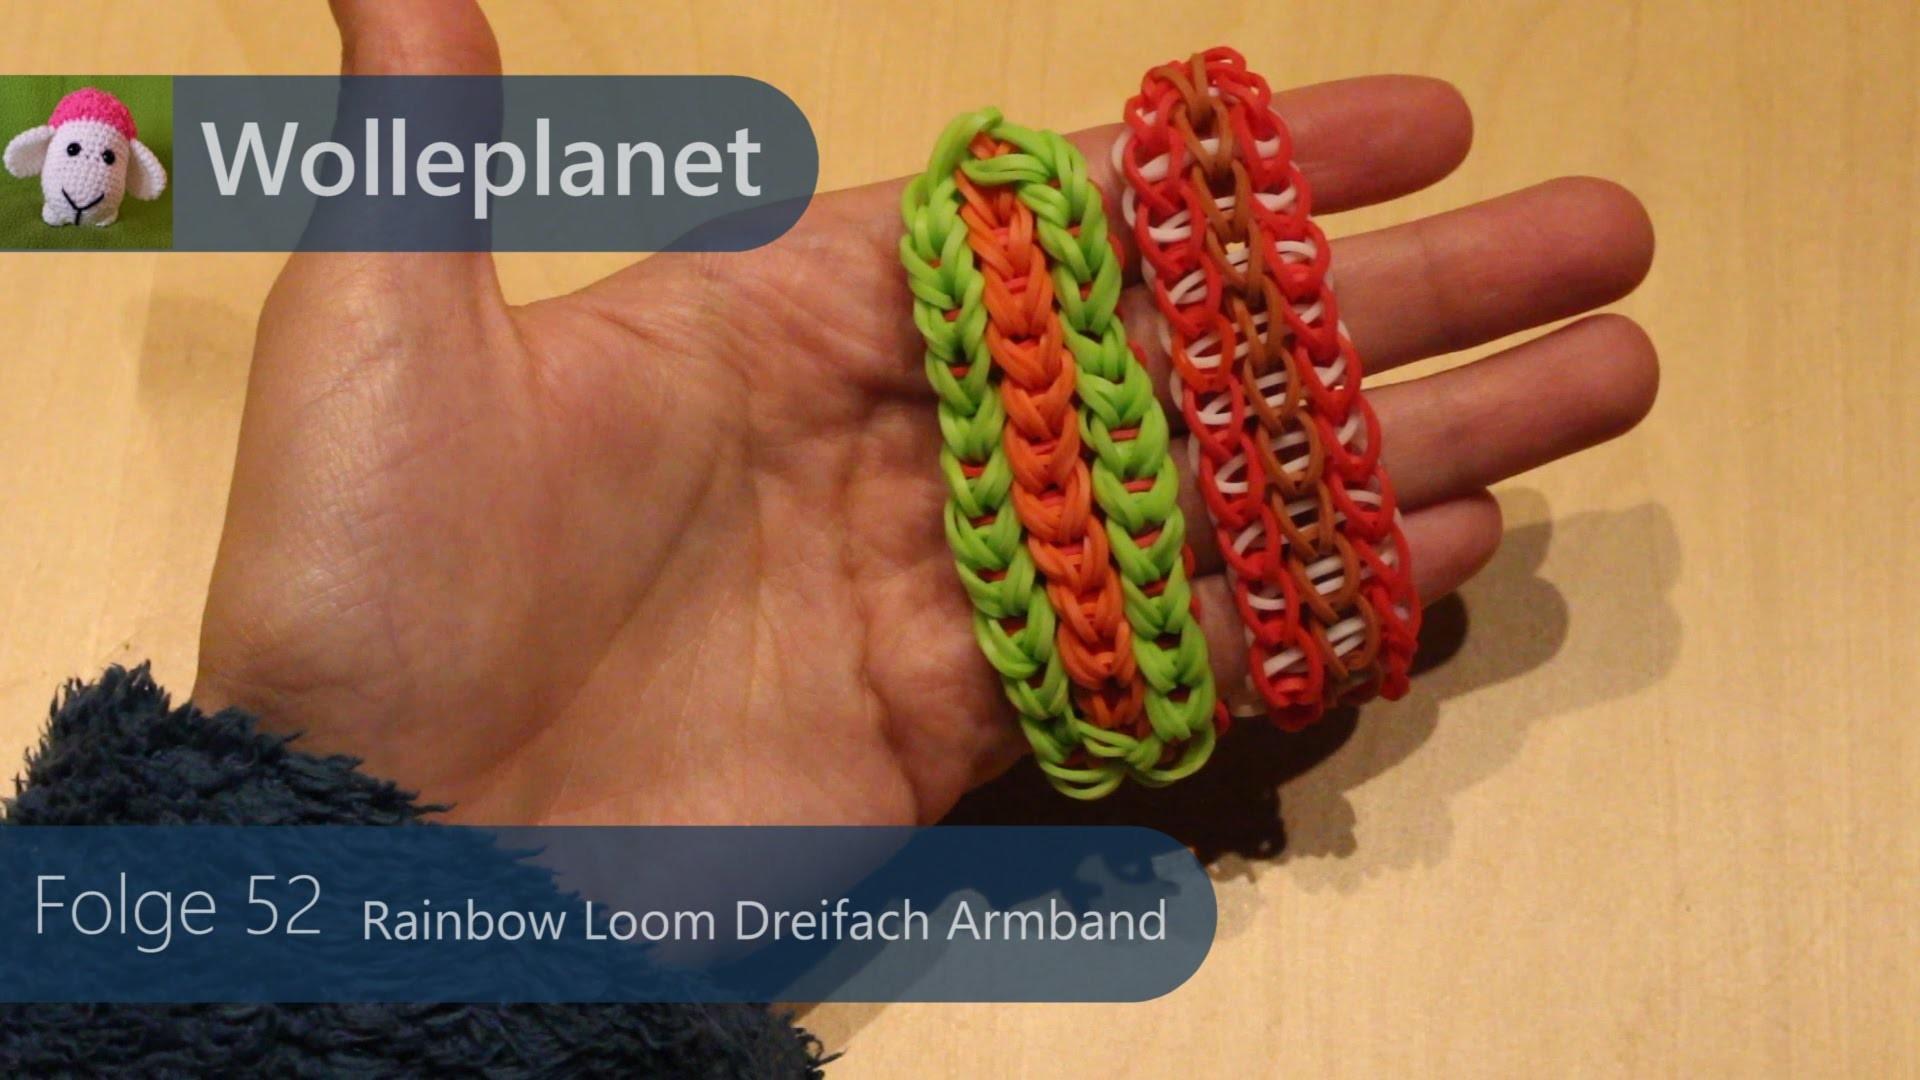 Rainbow Loom Dreifach Armband mit Loom